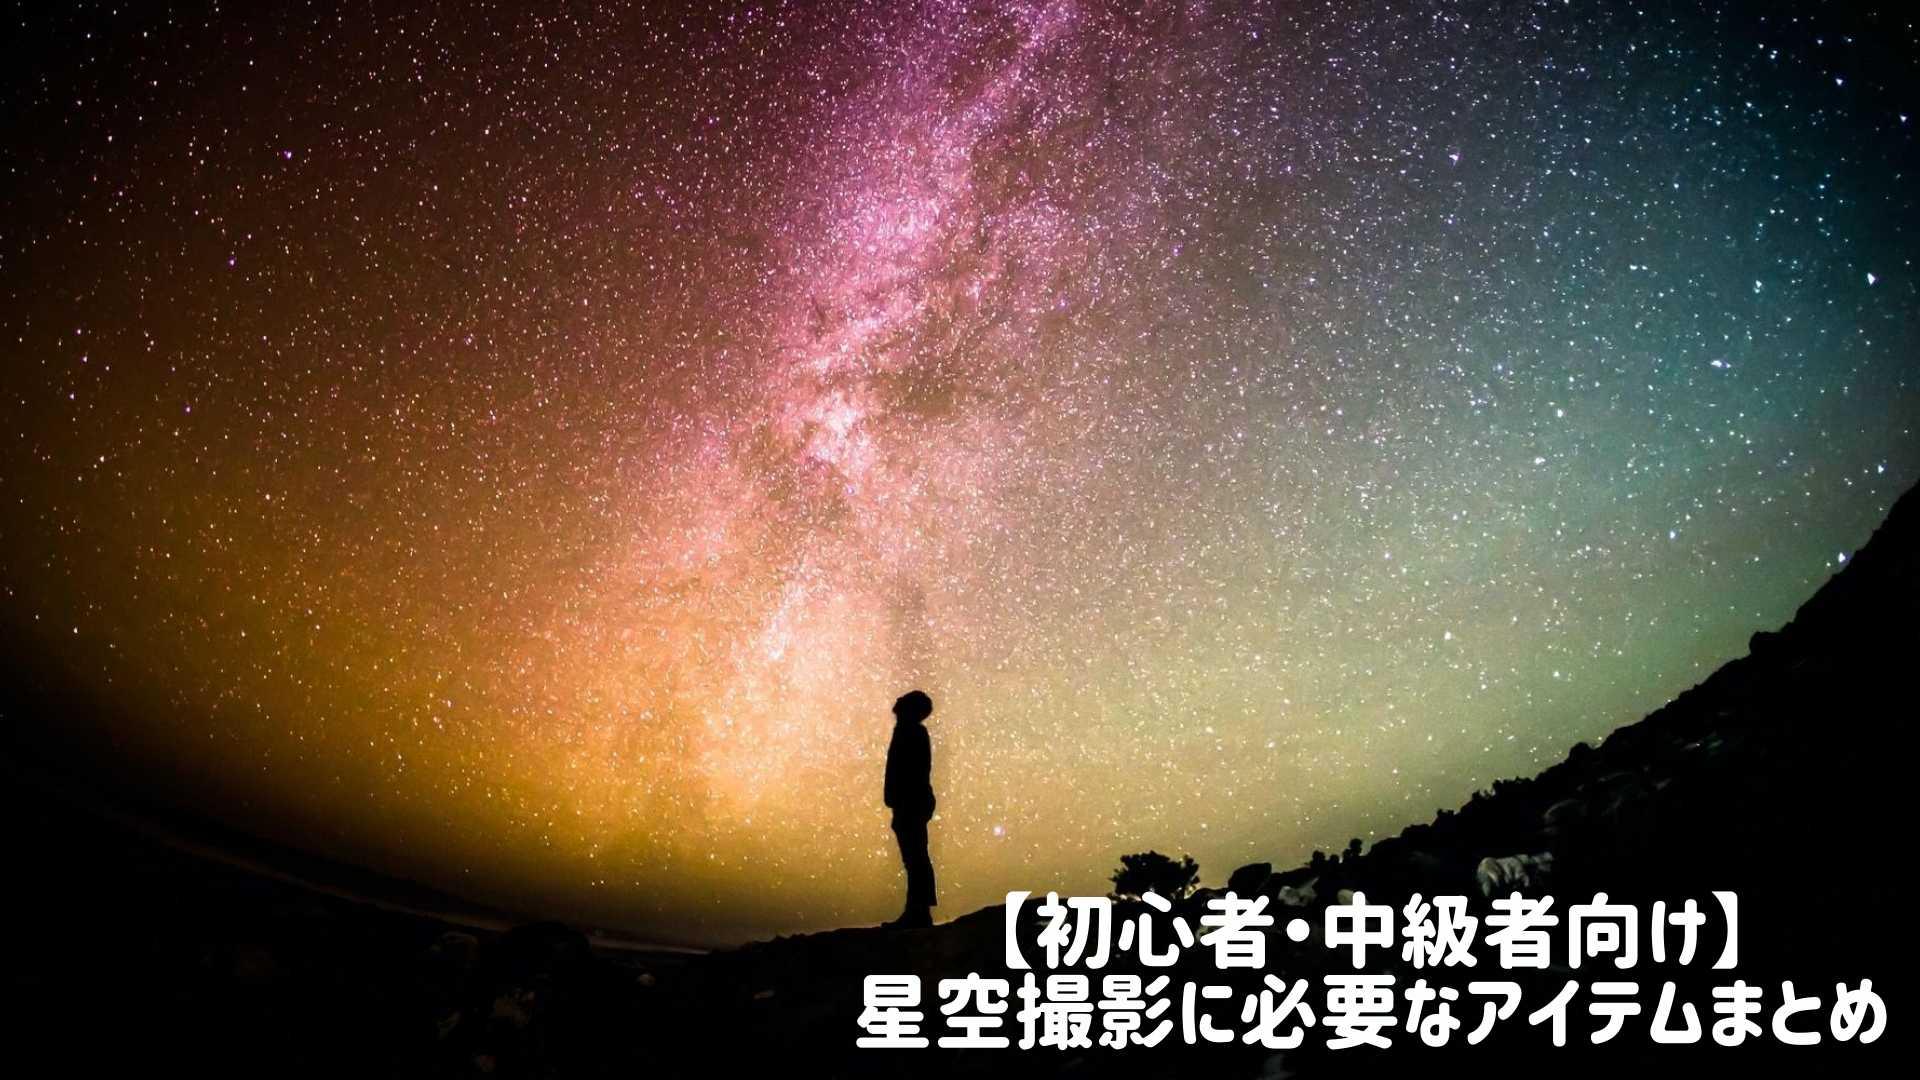 【初心者・中級者向け】 星空撮影に必要なアイテムまとめ